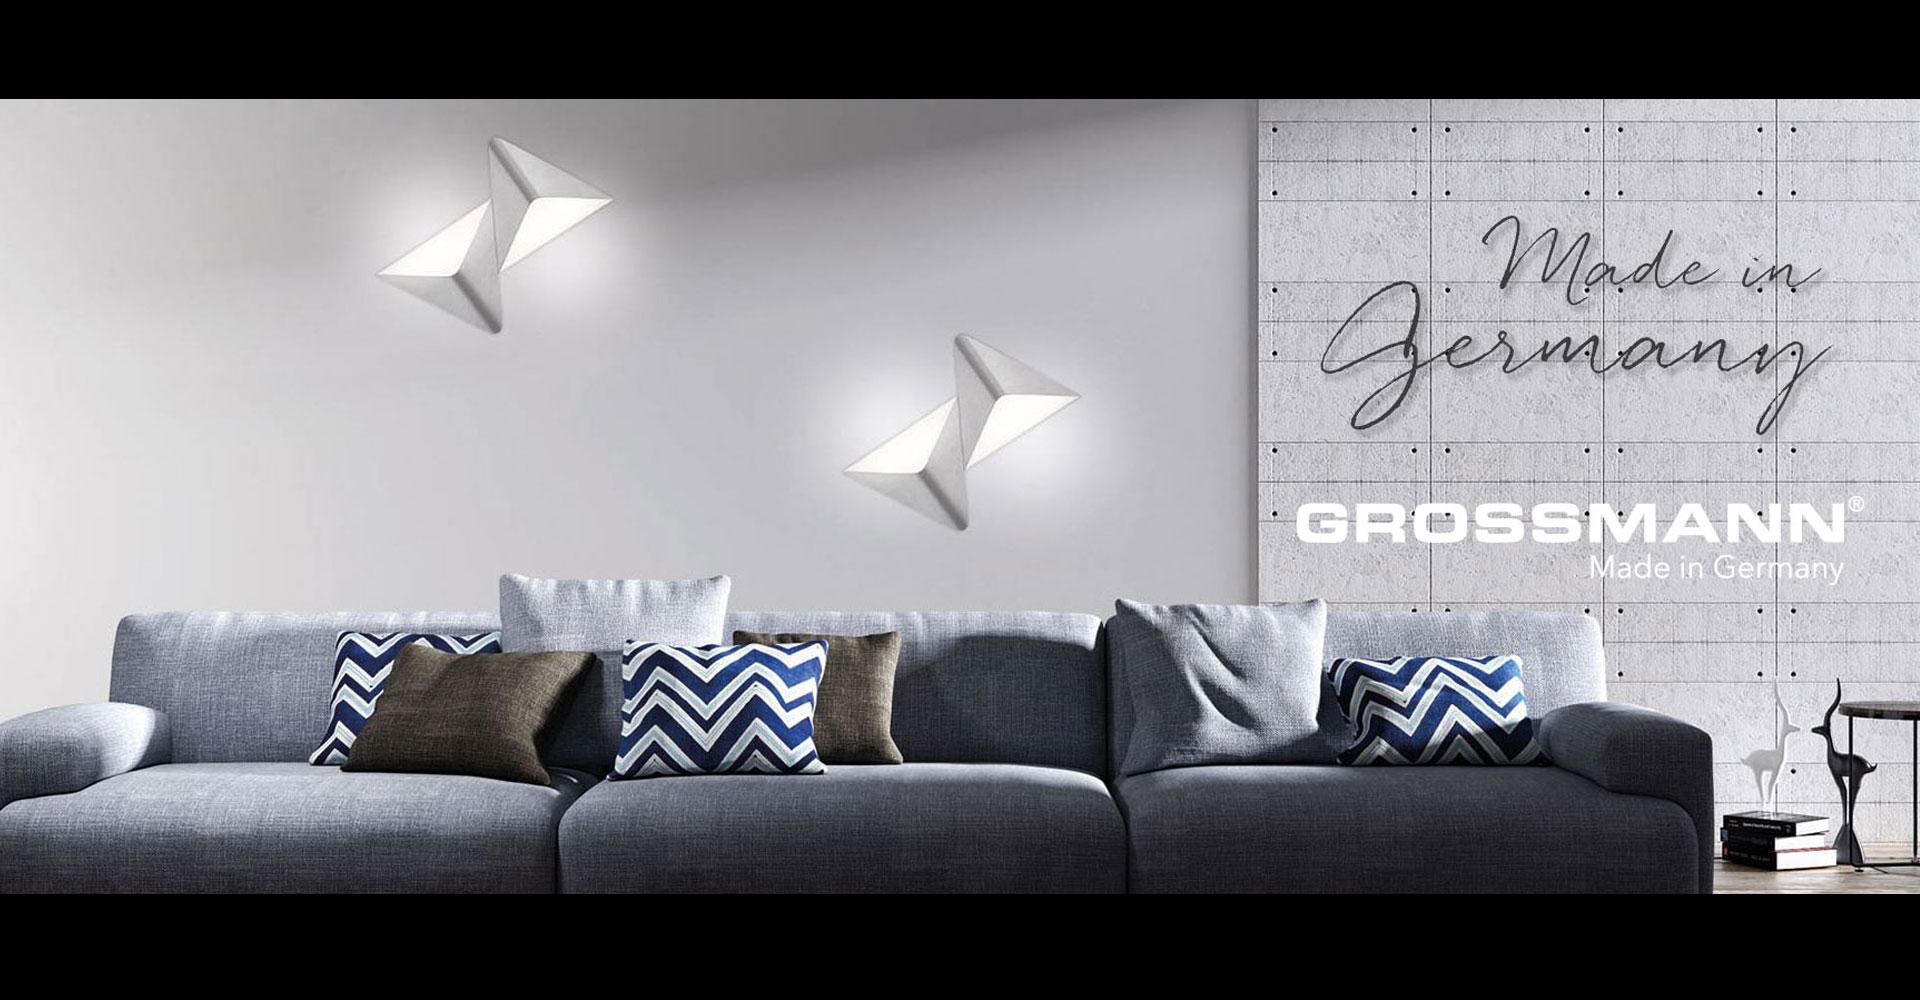 francel-luminaires-et-decoration-rouen-grossmann